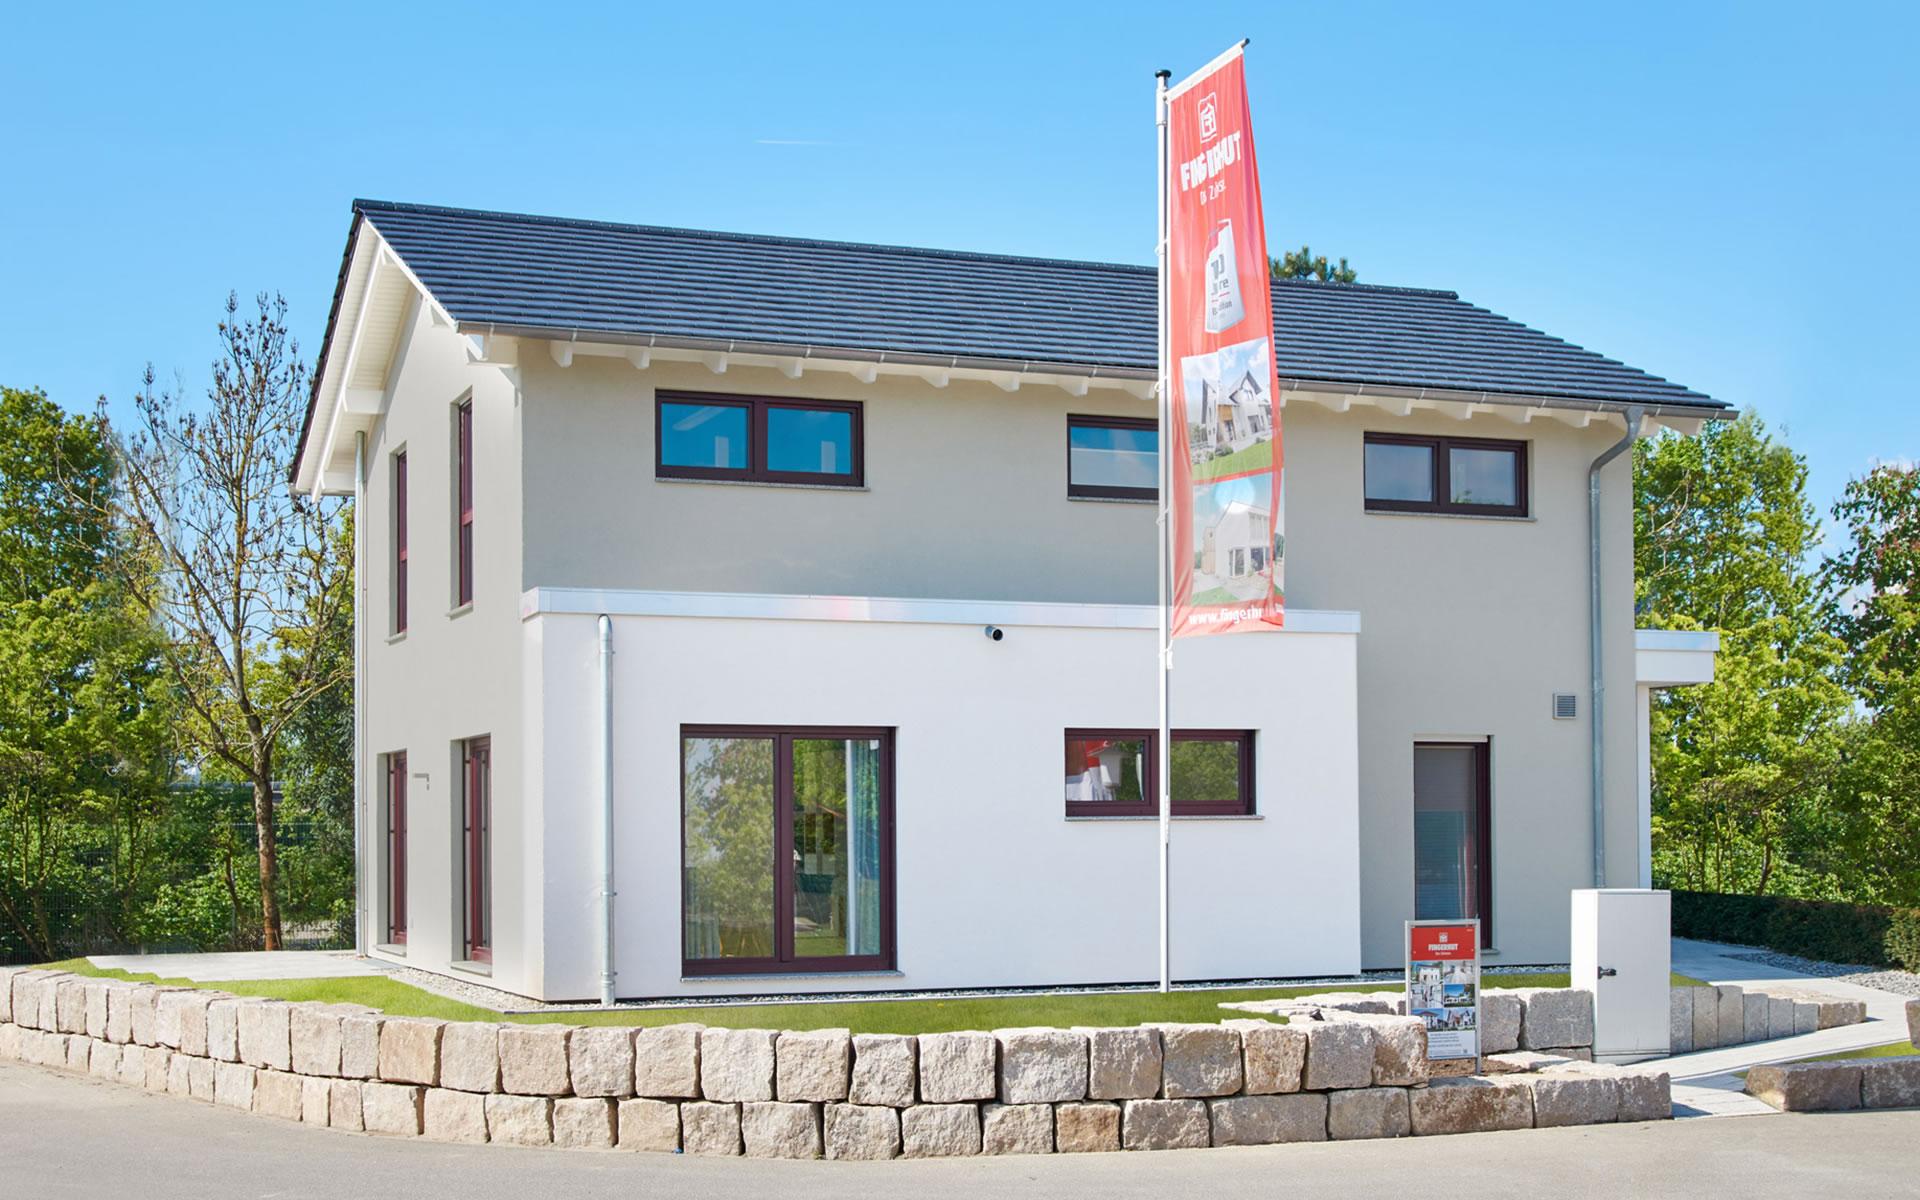 Musterhaus Mannheim von Fingerhut Haus GmbH & Co. KG